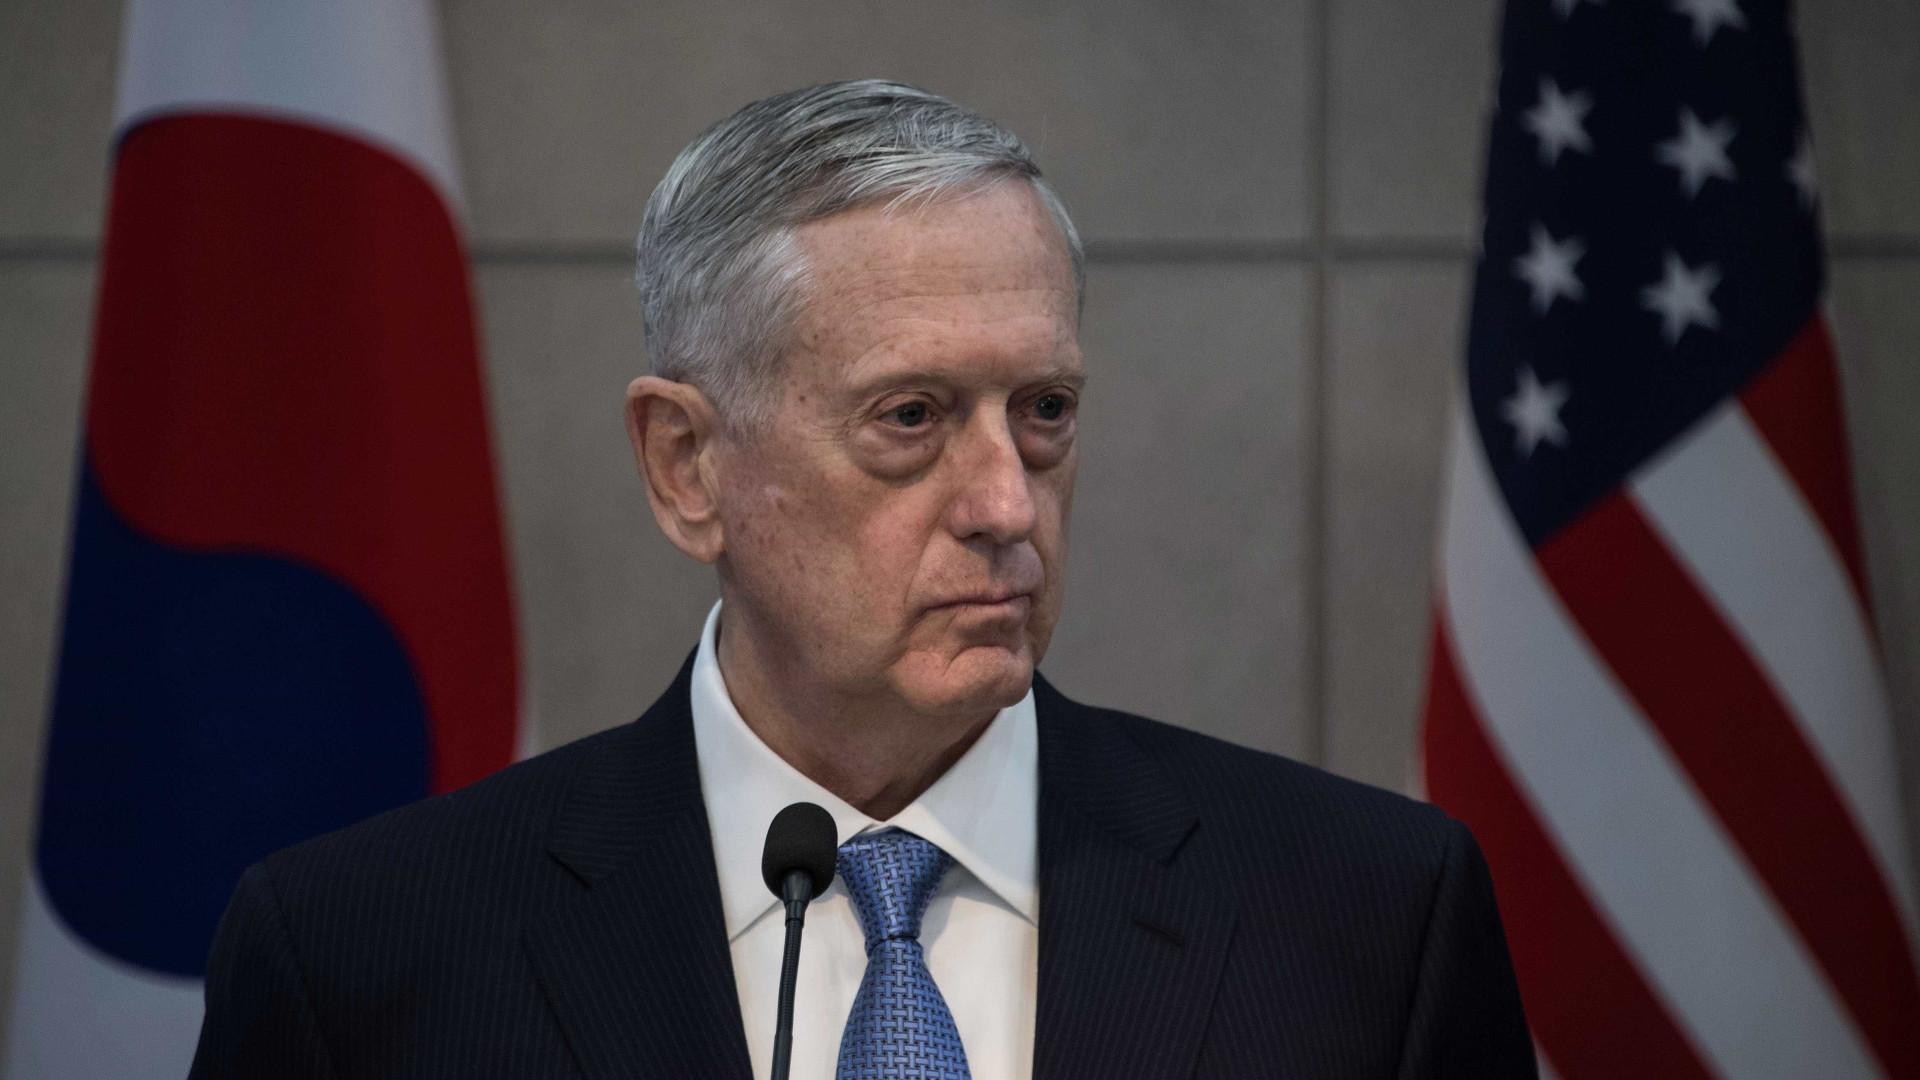 Estados Unidos acusam Síria de guardar armas químicas